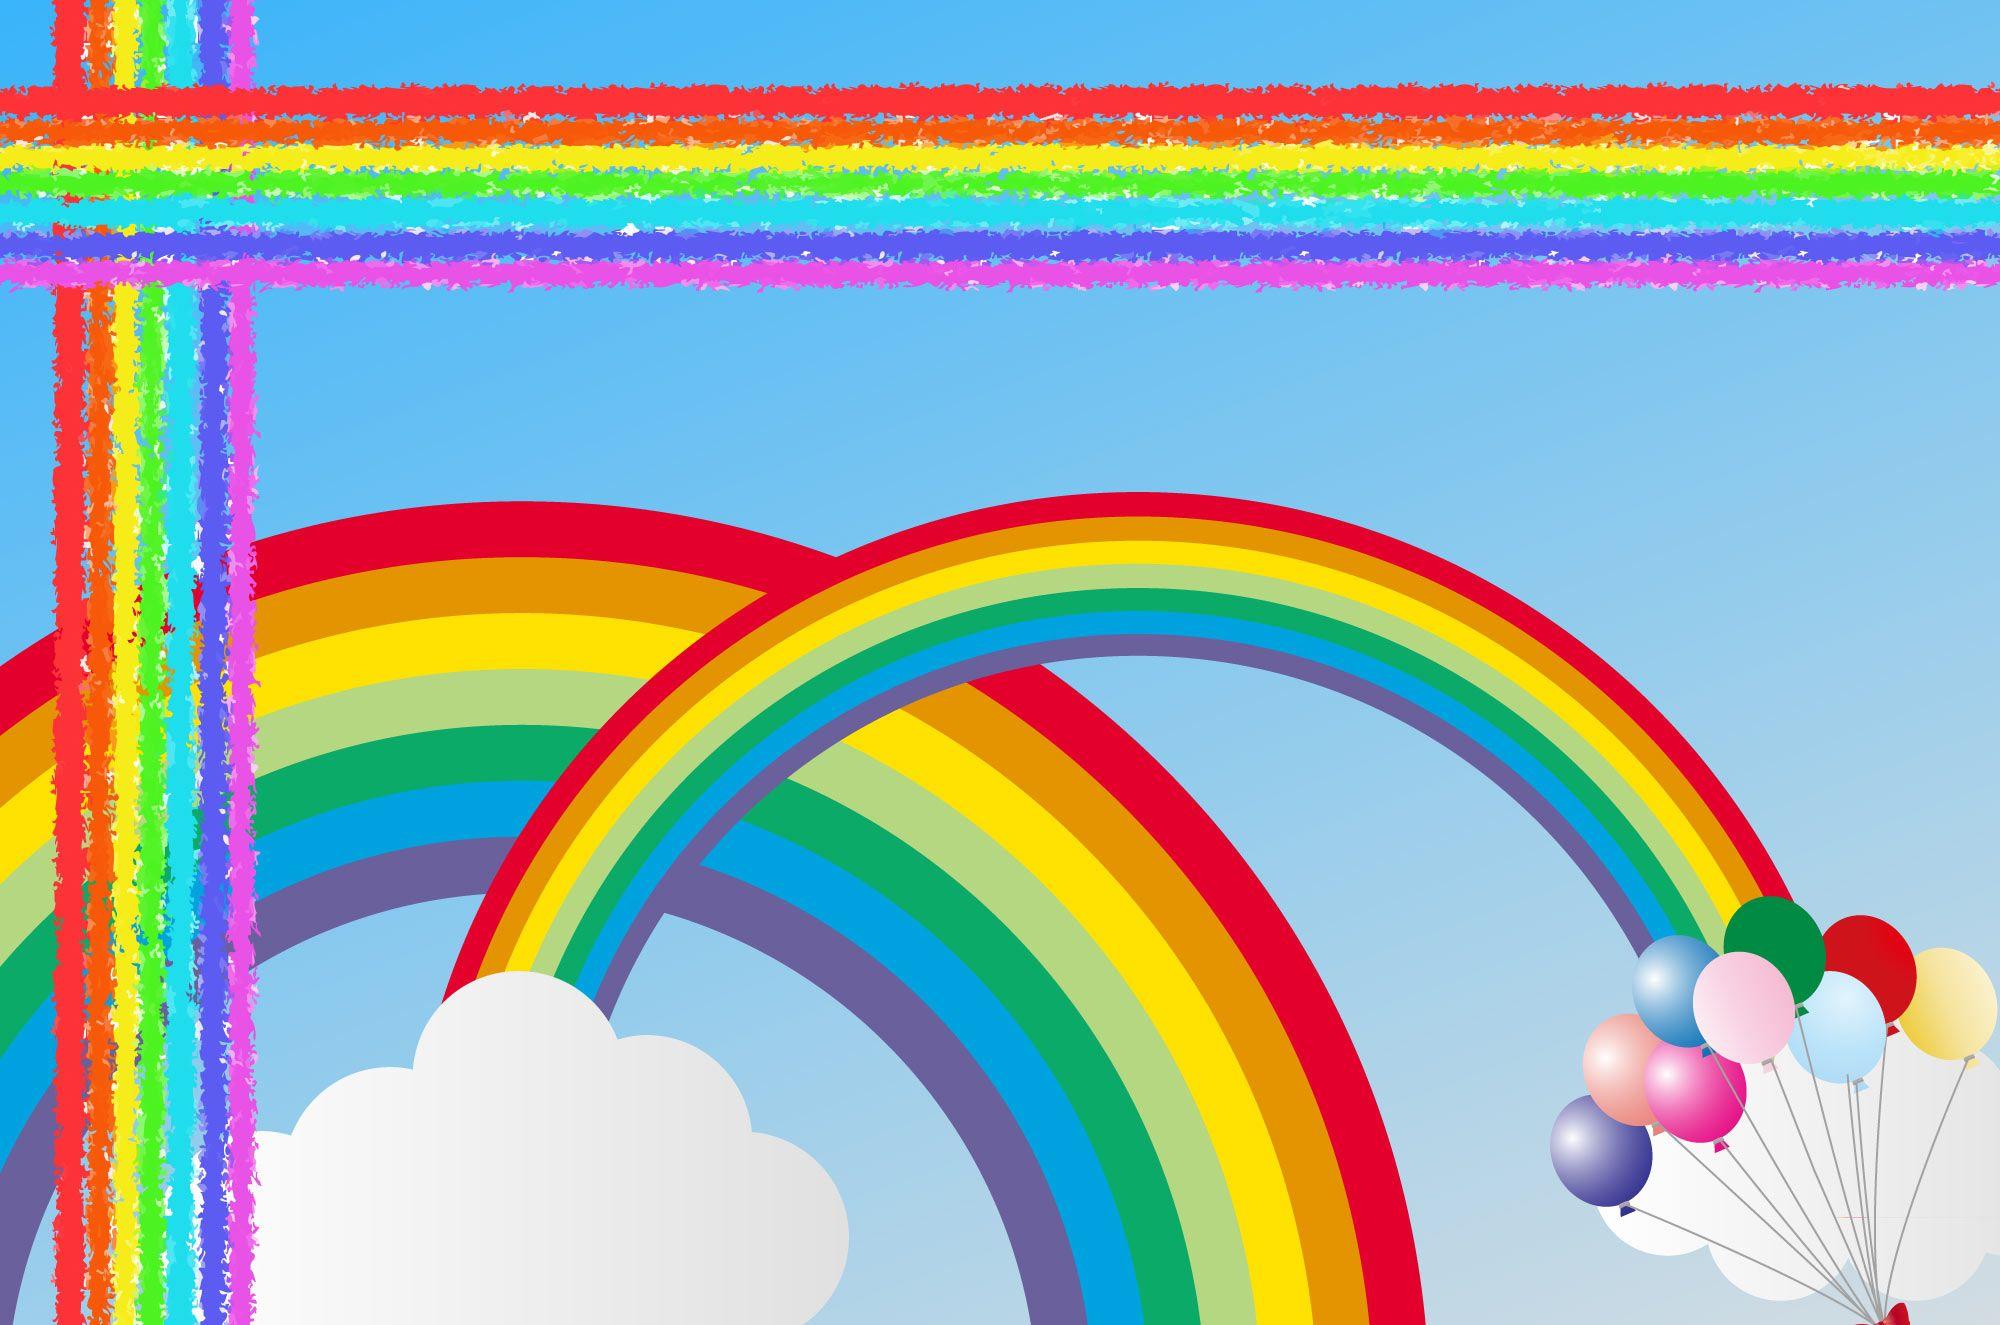 虹イラスト可愛いくて綺麗な虹の無料イラスト素材水彩で描いたり